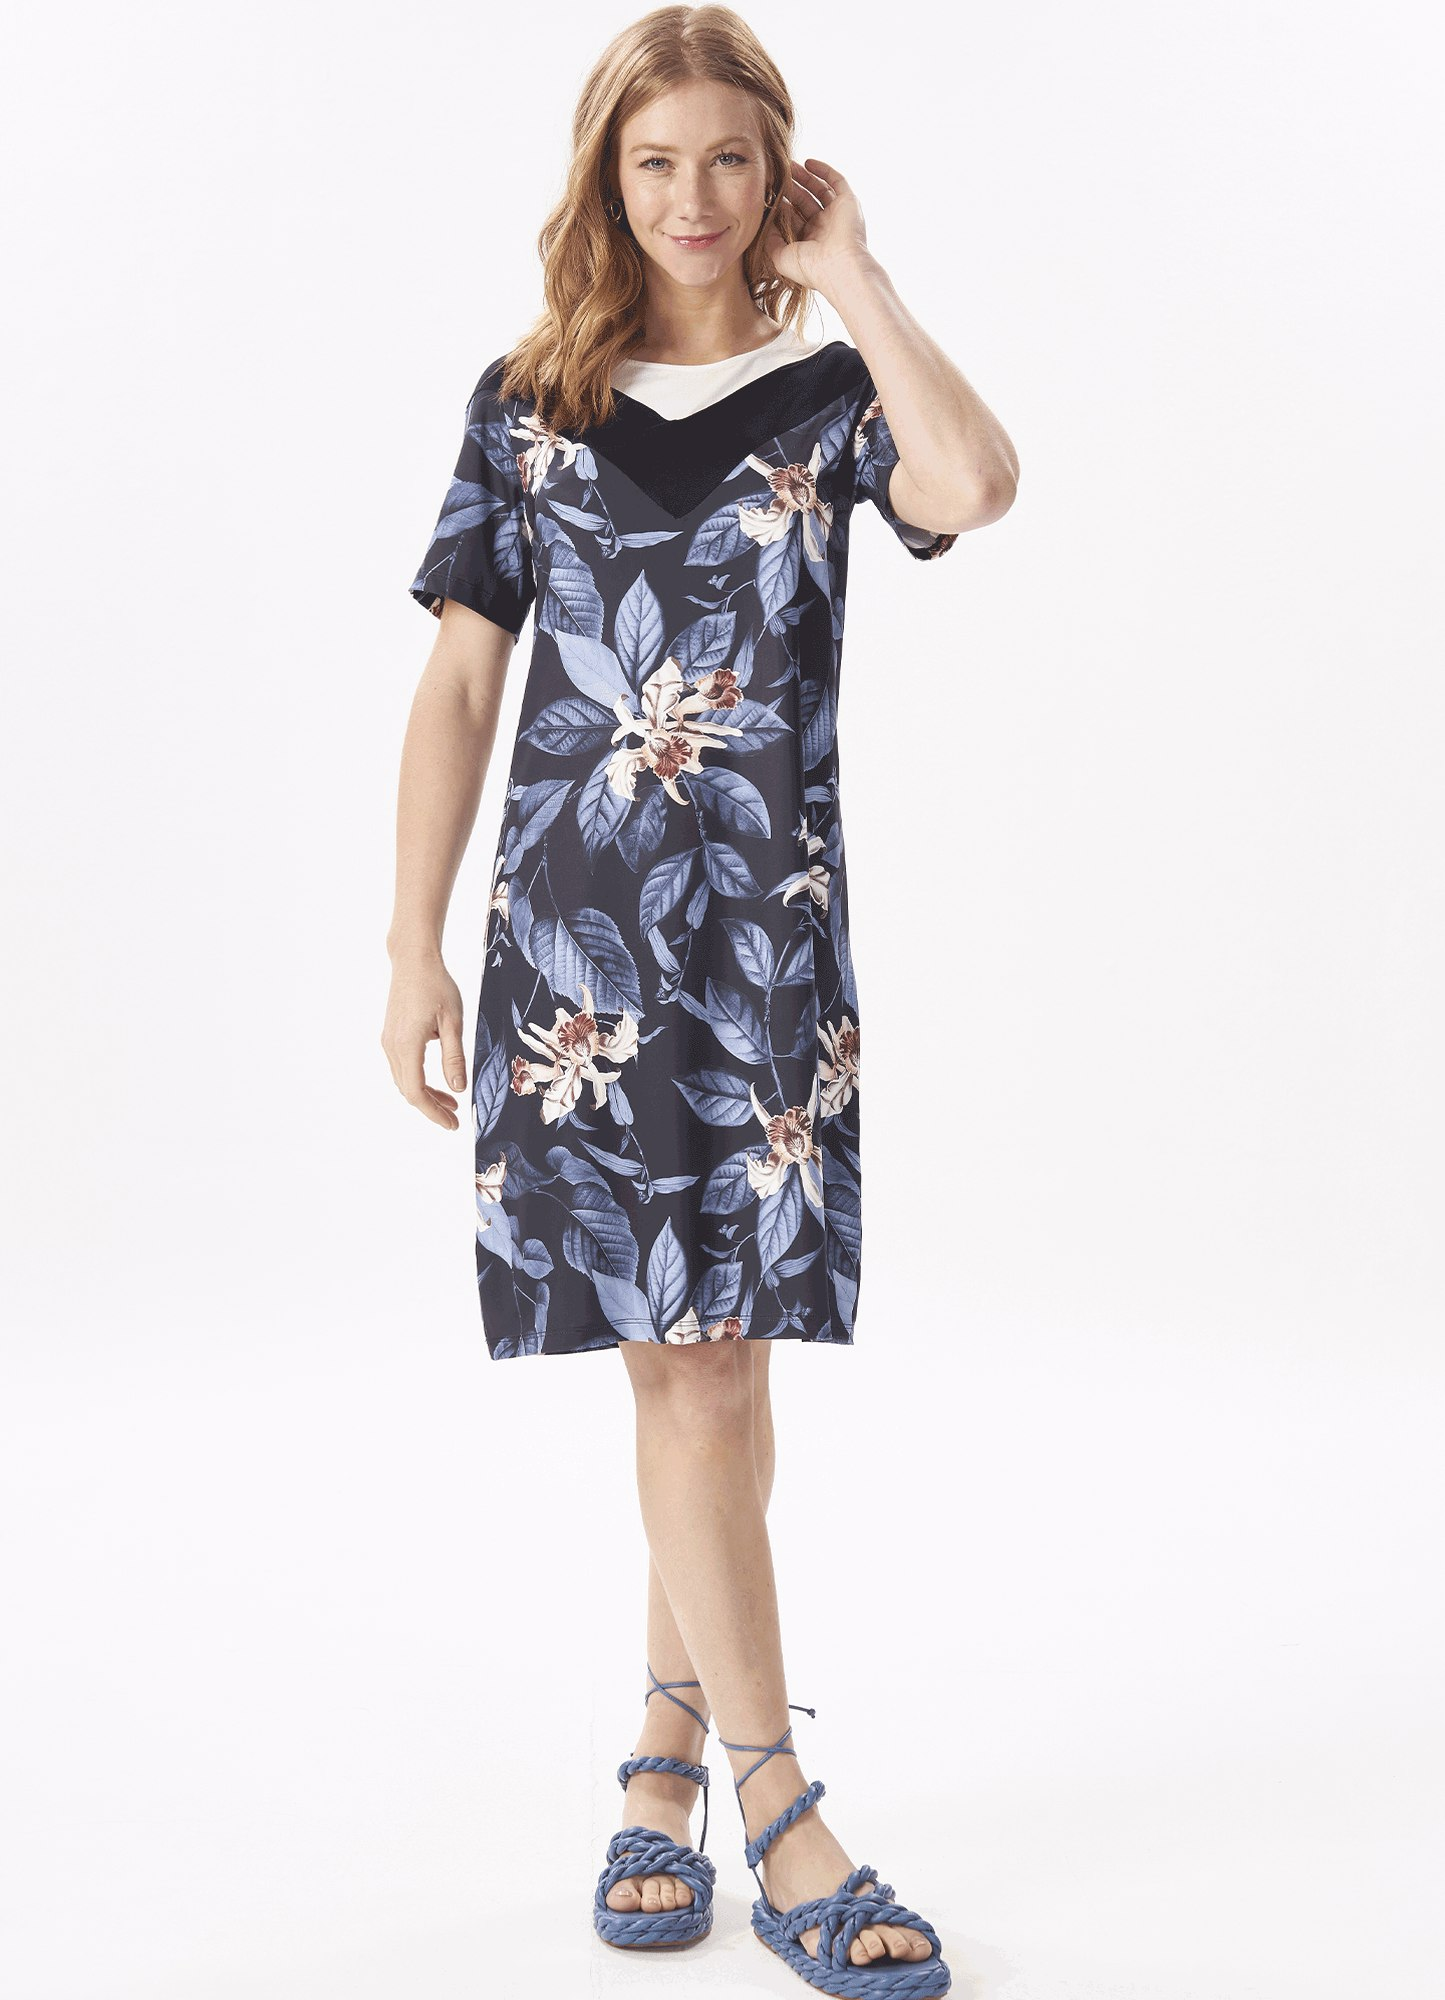 Vestido Feminino Malha Reto Estampa Floral Decote Liso